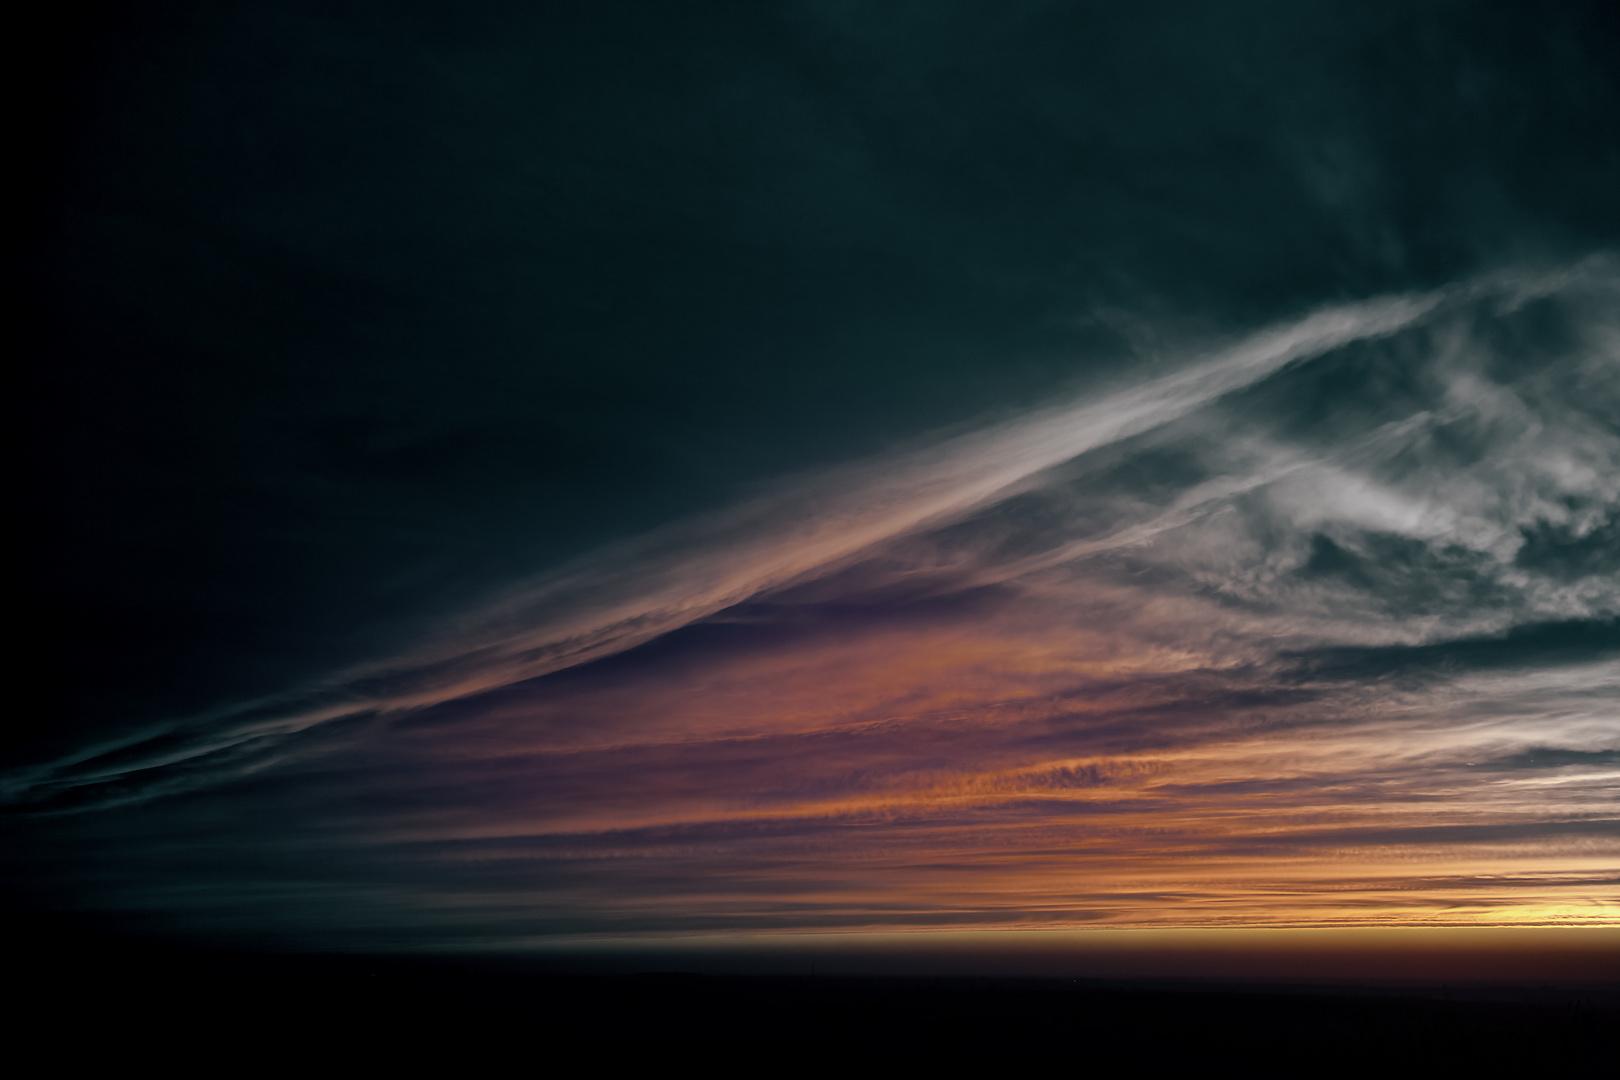 In den Morgen flieg ich - meine Sorgen besieg ich - wohlan ins Glück des Tages